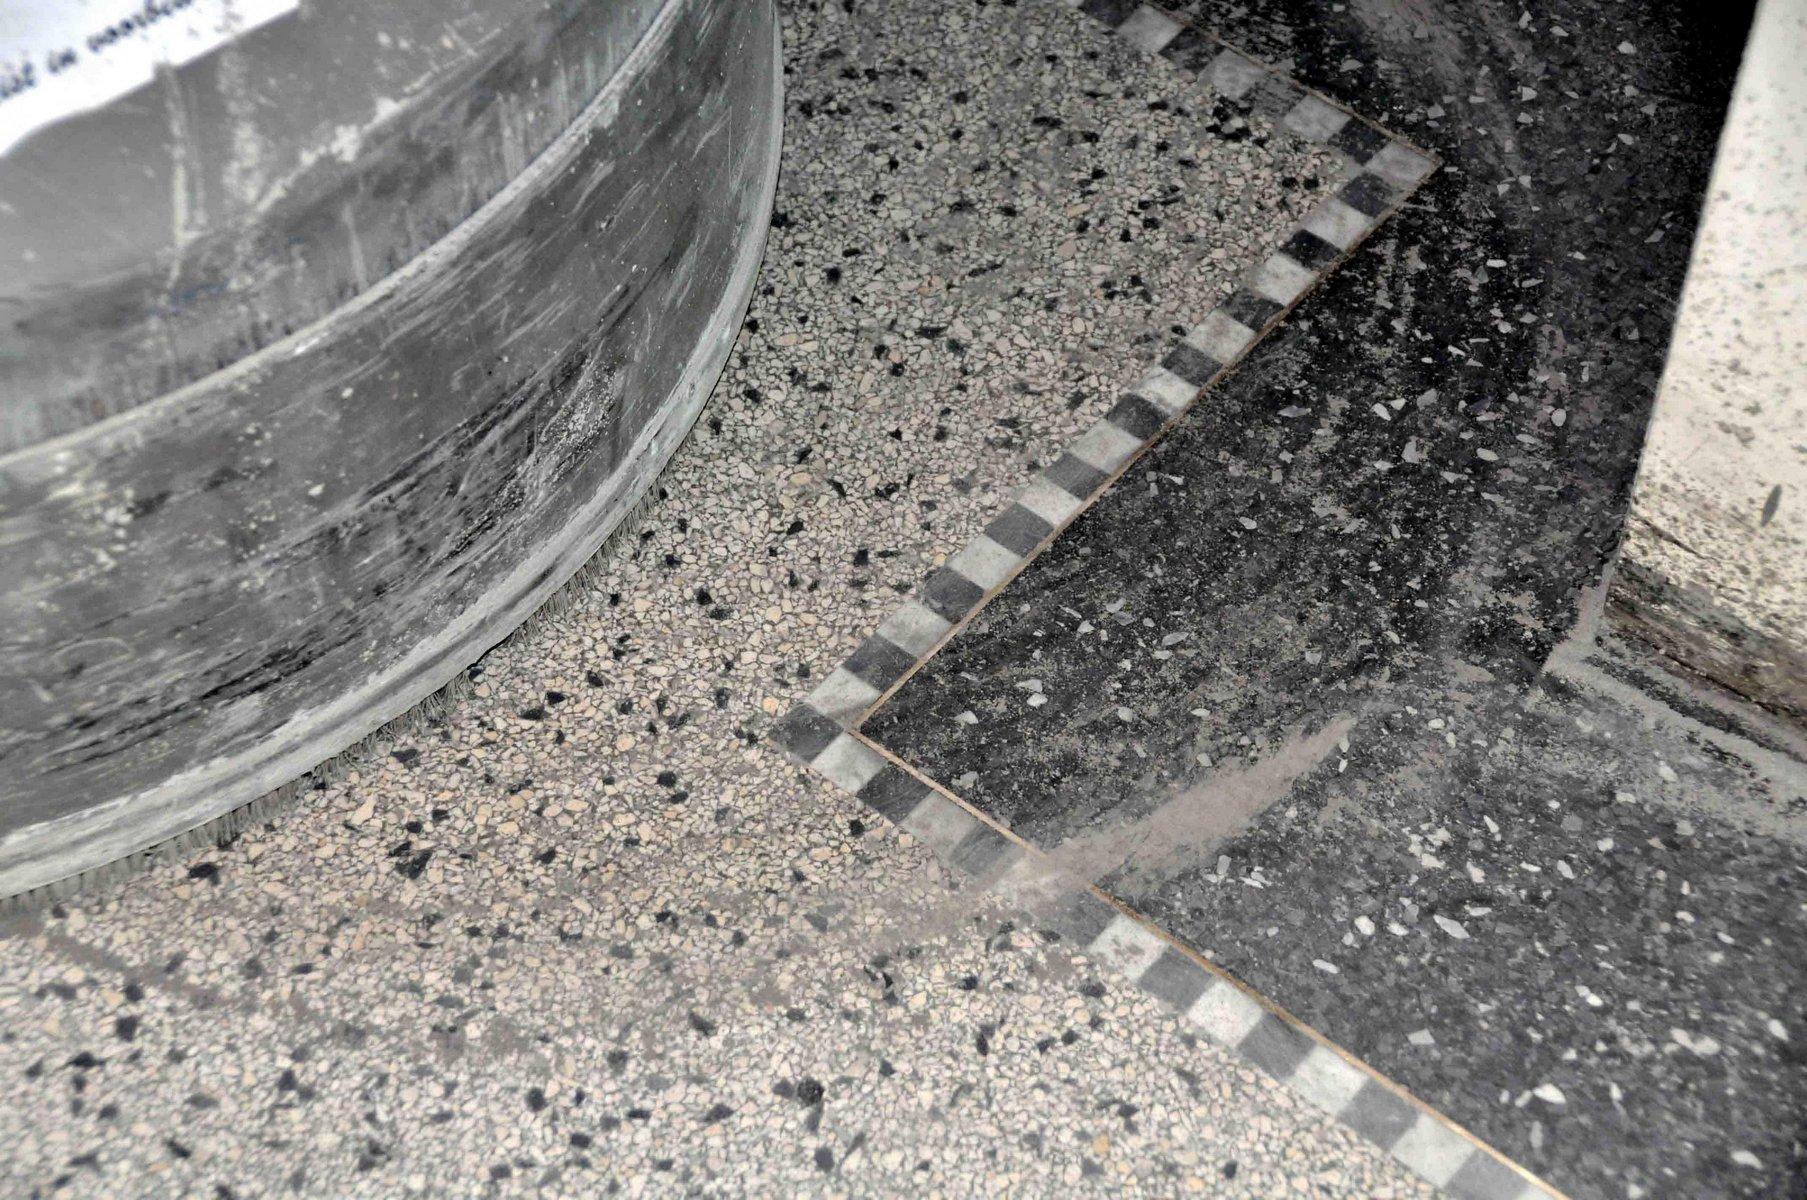 Granito Vloer Opknappen  Interesting Granito Vloer Opknappen With Granito Vloer Opknappen  Best